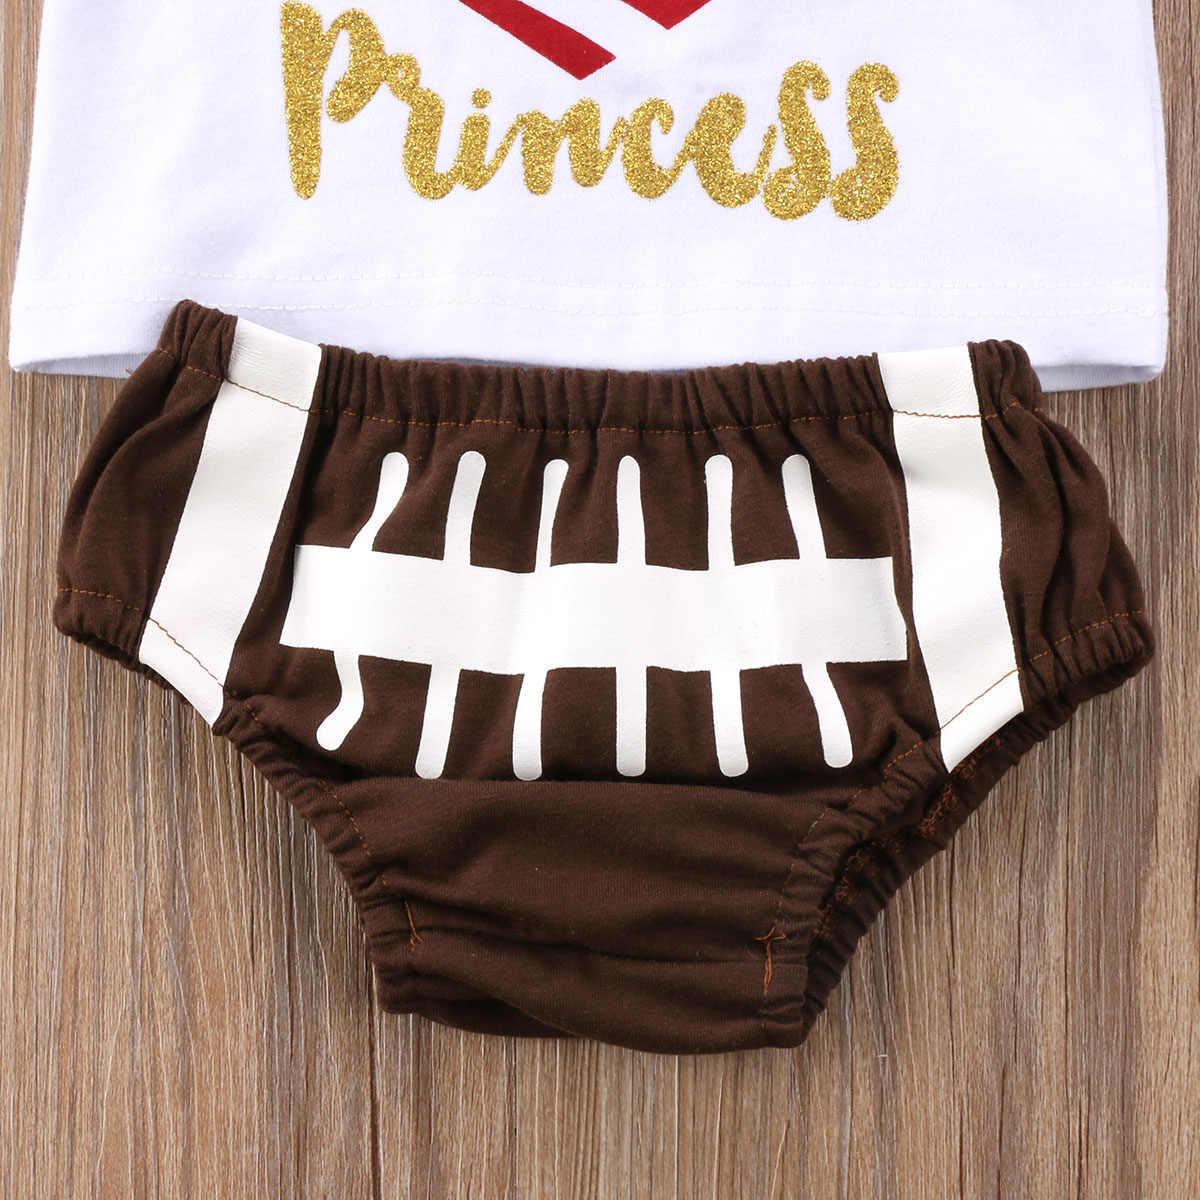 3ピース新生児幼児女の赤ちゃん服セットパパの王女衣装ラグビートップスtシャツパンツ衣装セット服3ピース